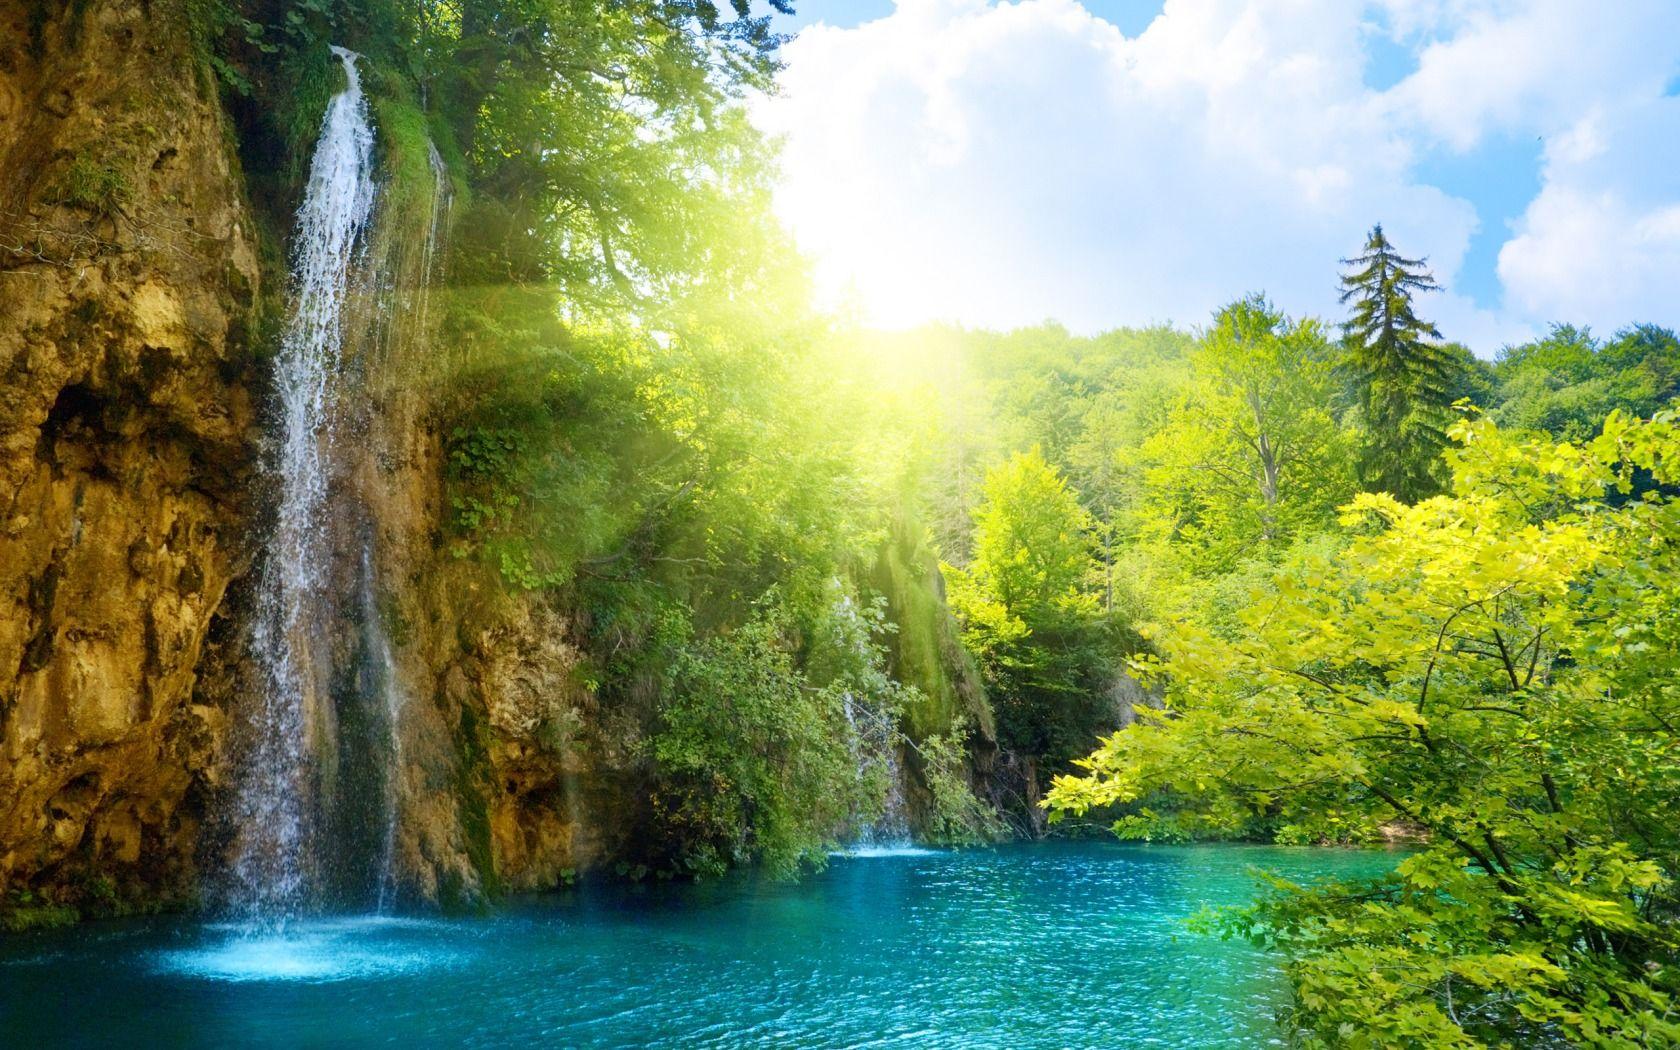 3D Wallpaper Widescreen Waterfalls Hd Desktop 10 HD Wallpapers